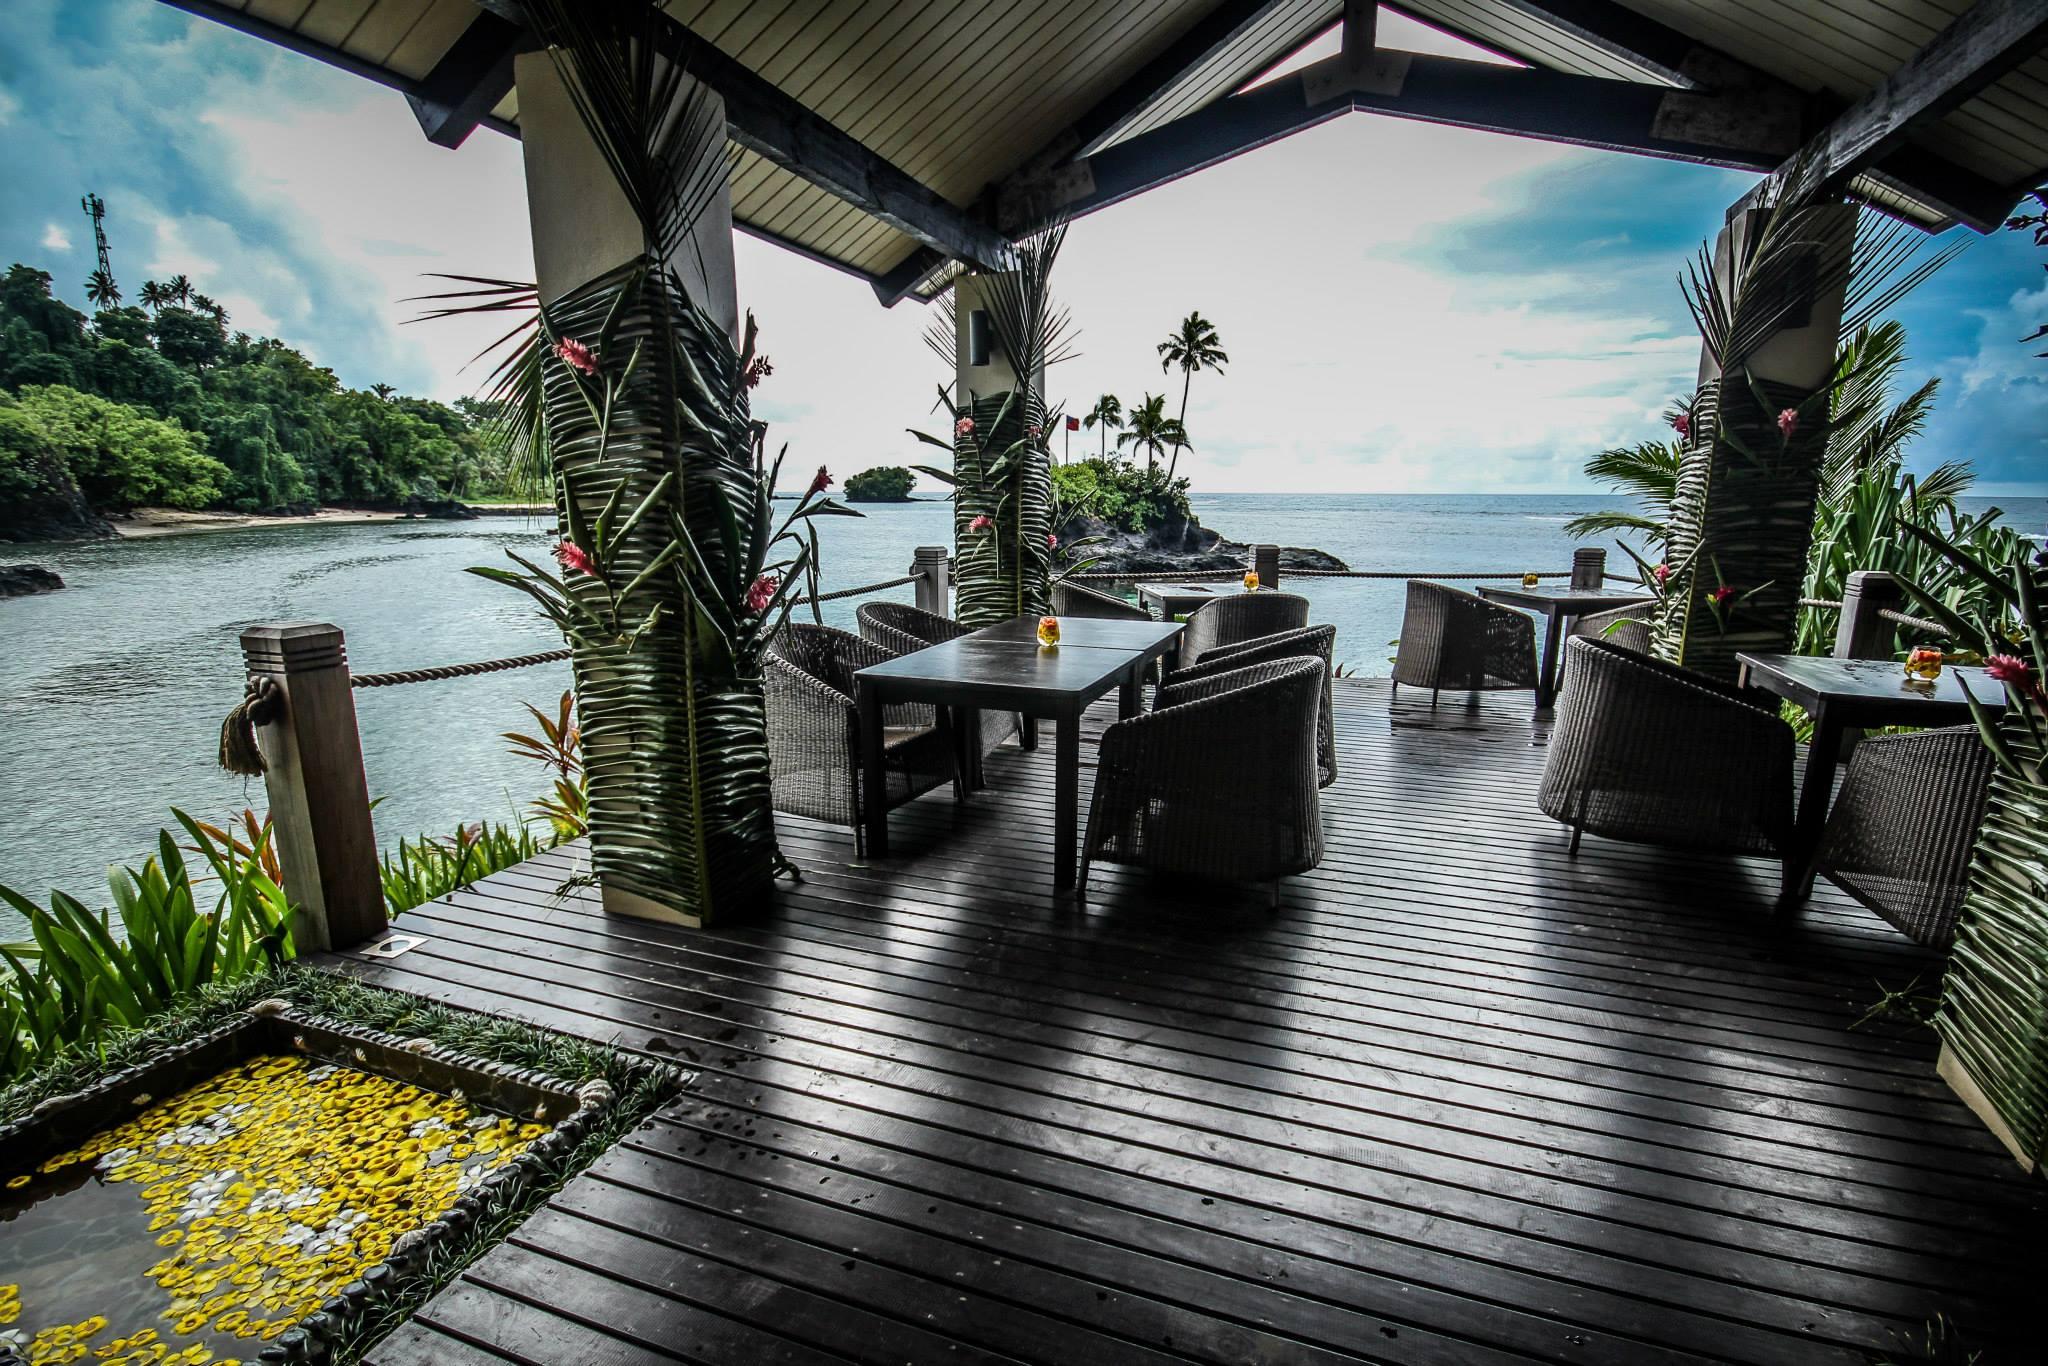 seabreeze resort aufagna south coast samoa 14.jpg